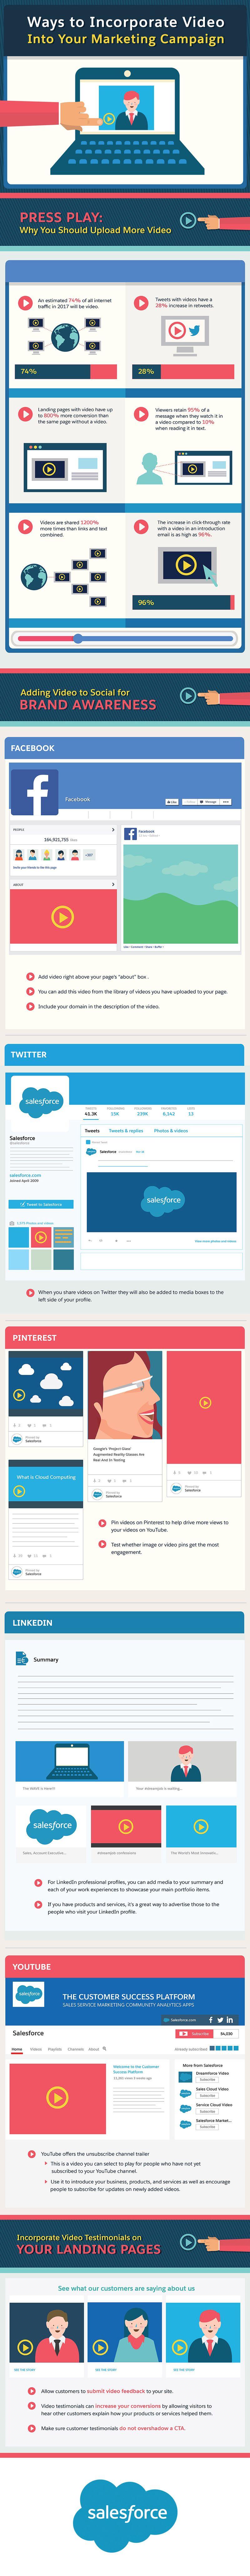 Descubre cómo incorporar el vídeo a tus estrategias de marketing (infografía)